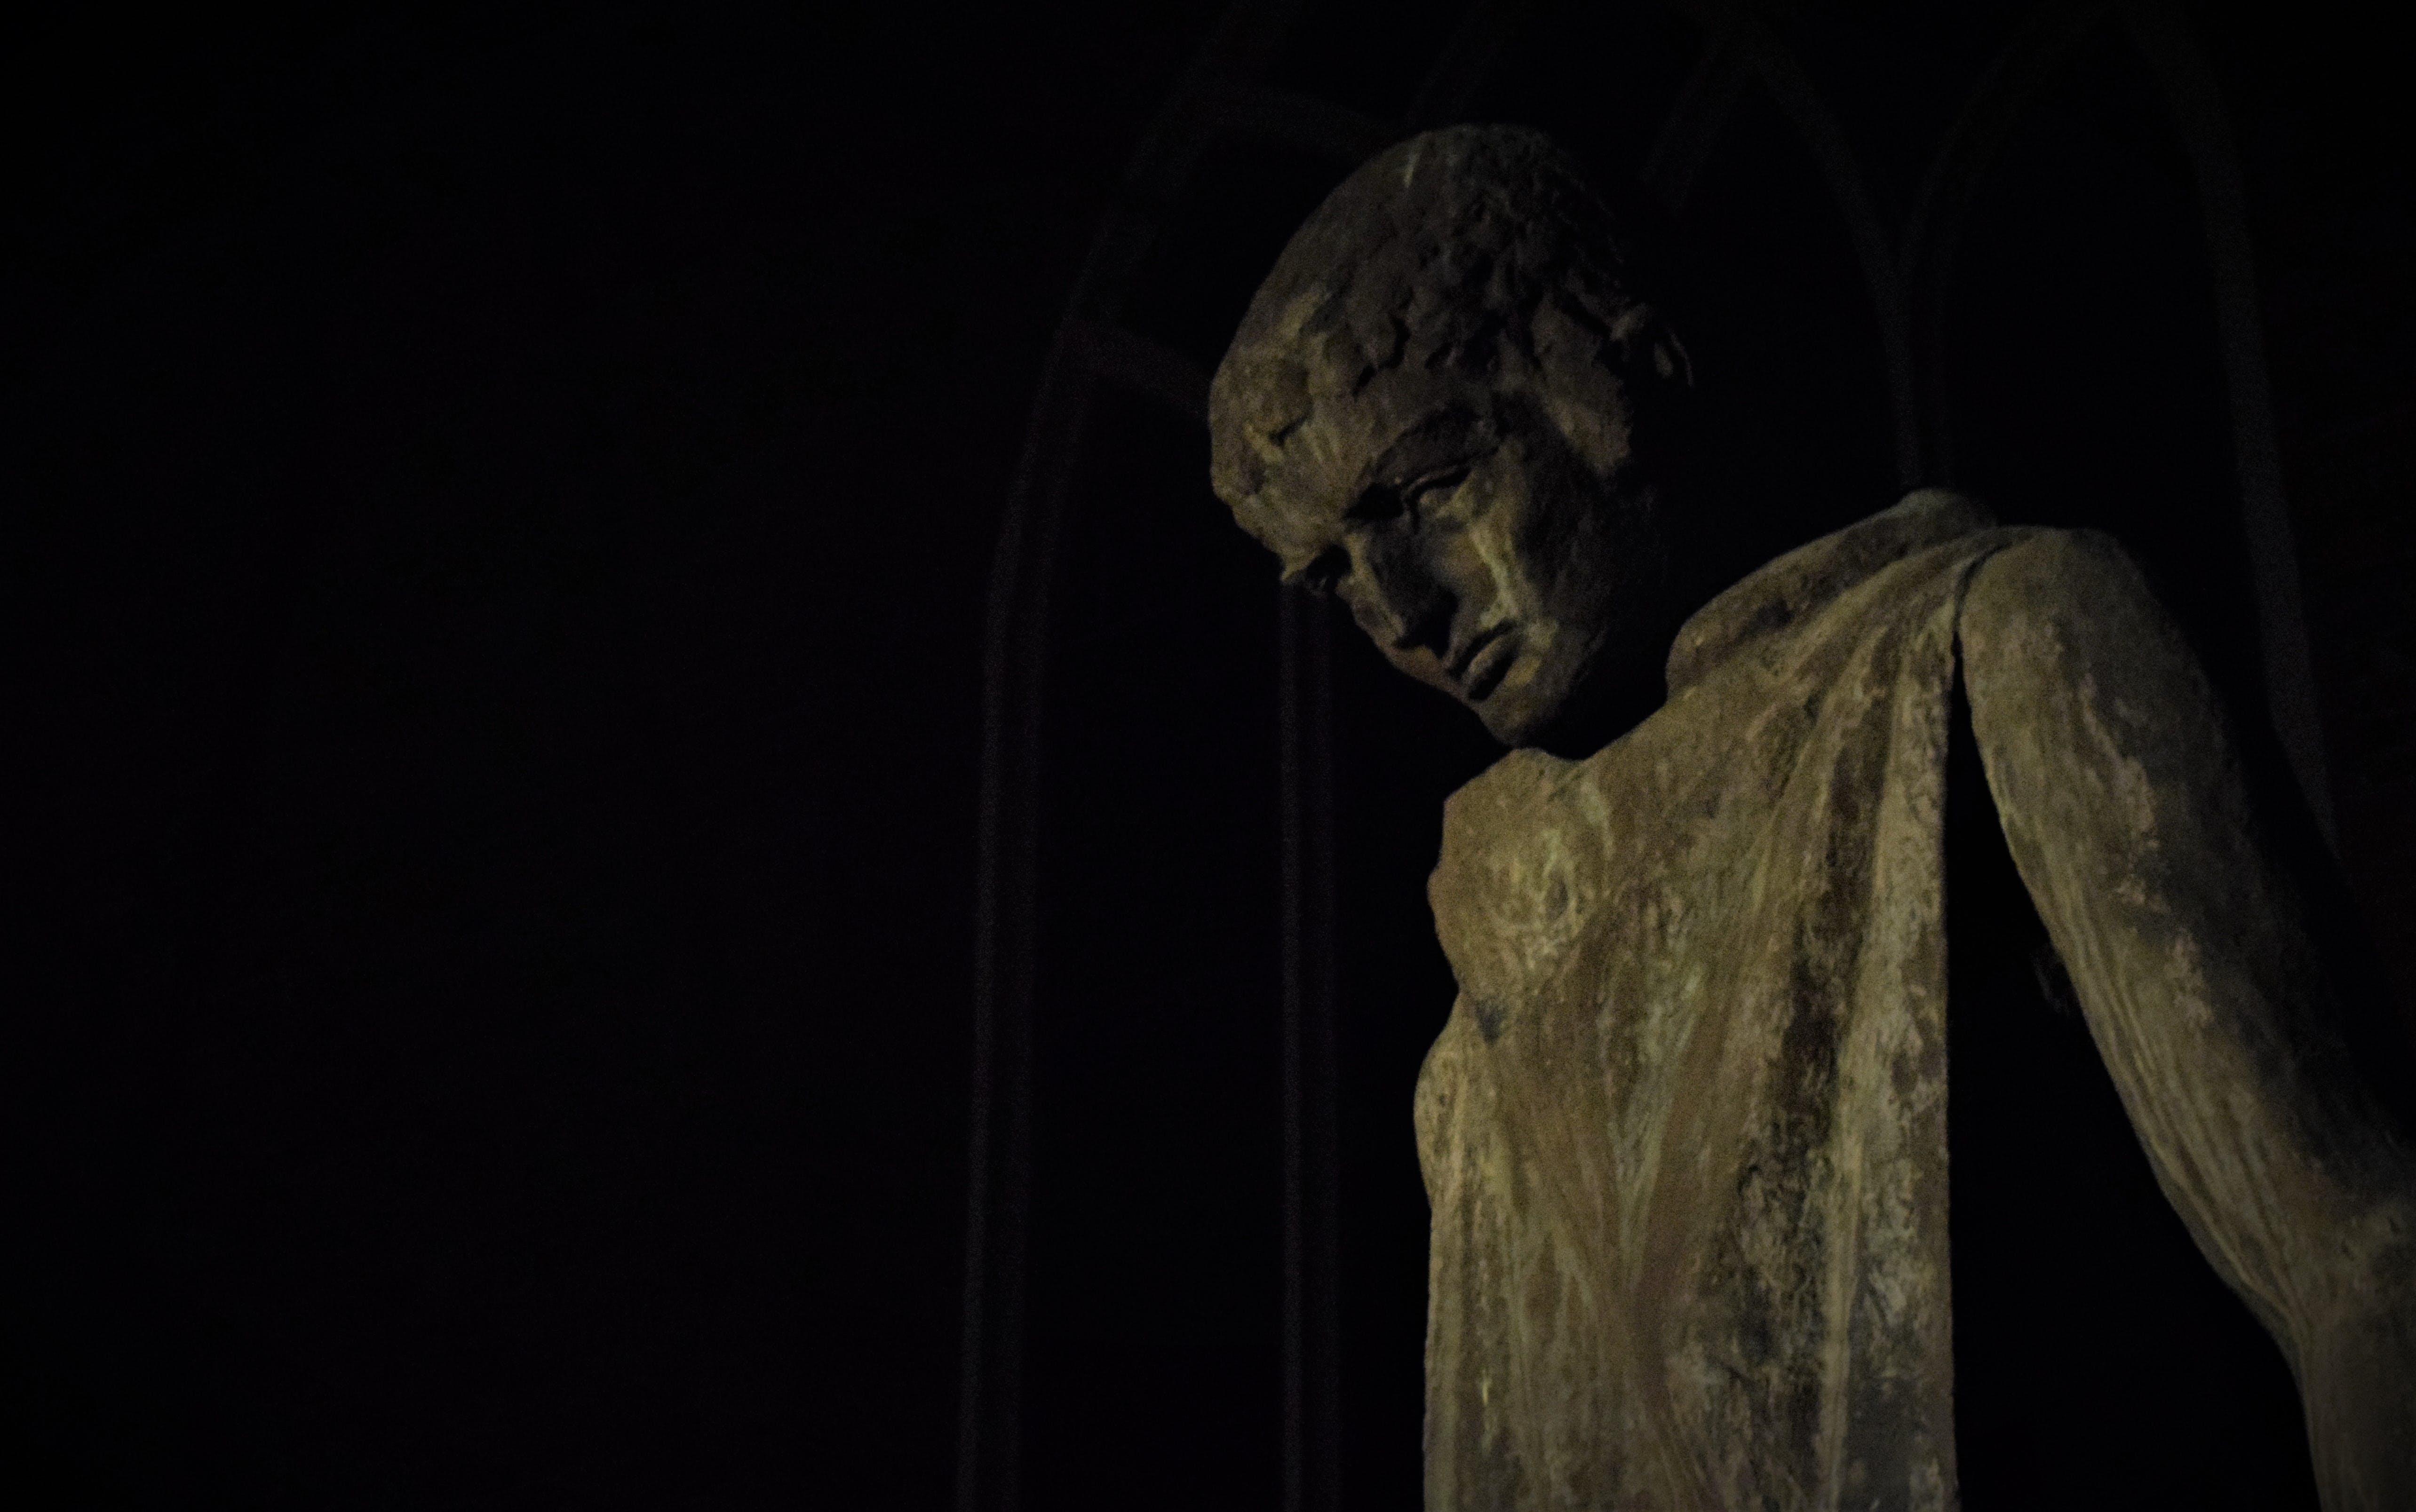 Free stock photo of clay, creepy, dark, history